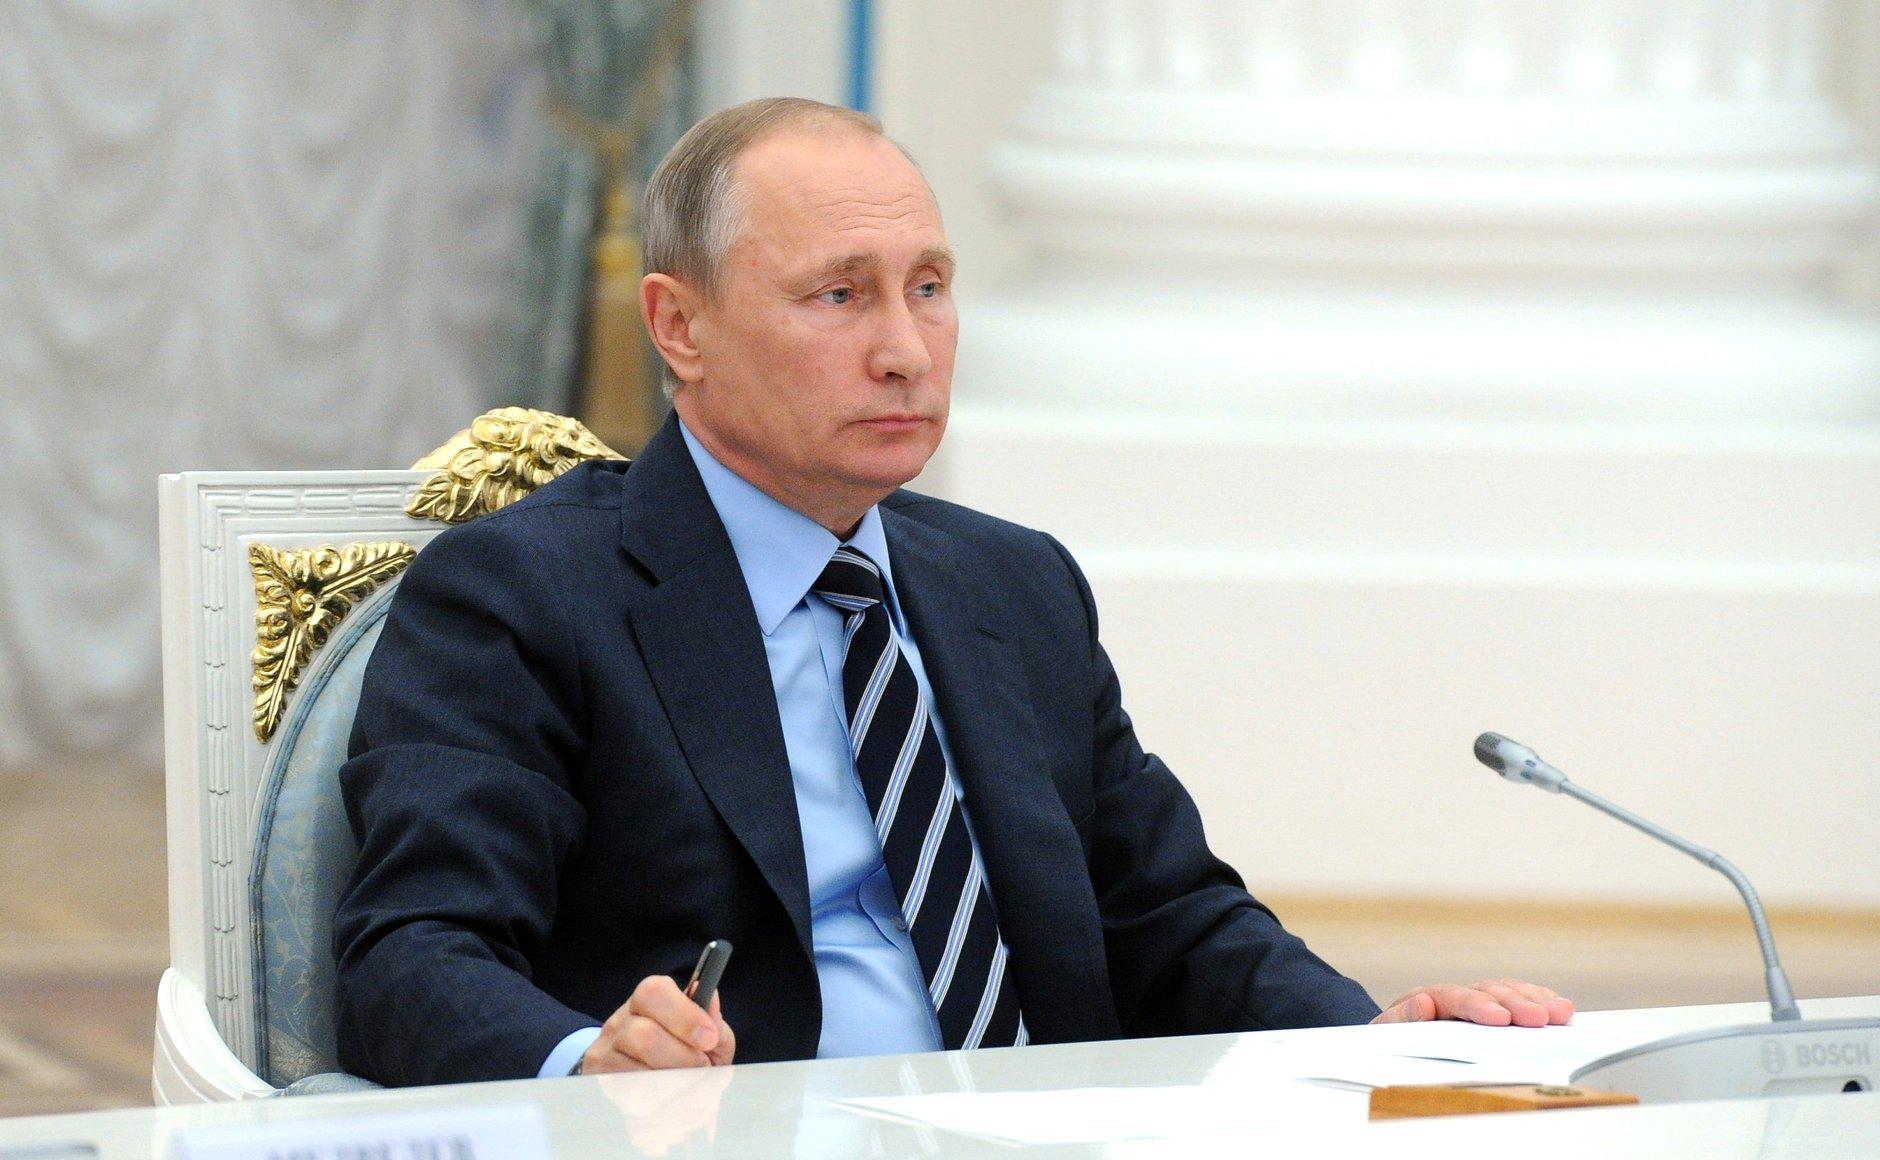 Putin: Eropa Serahkan Sebagian Kedaulatannya kepada AS